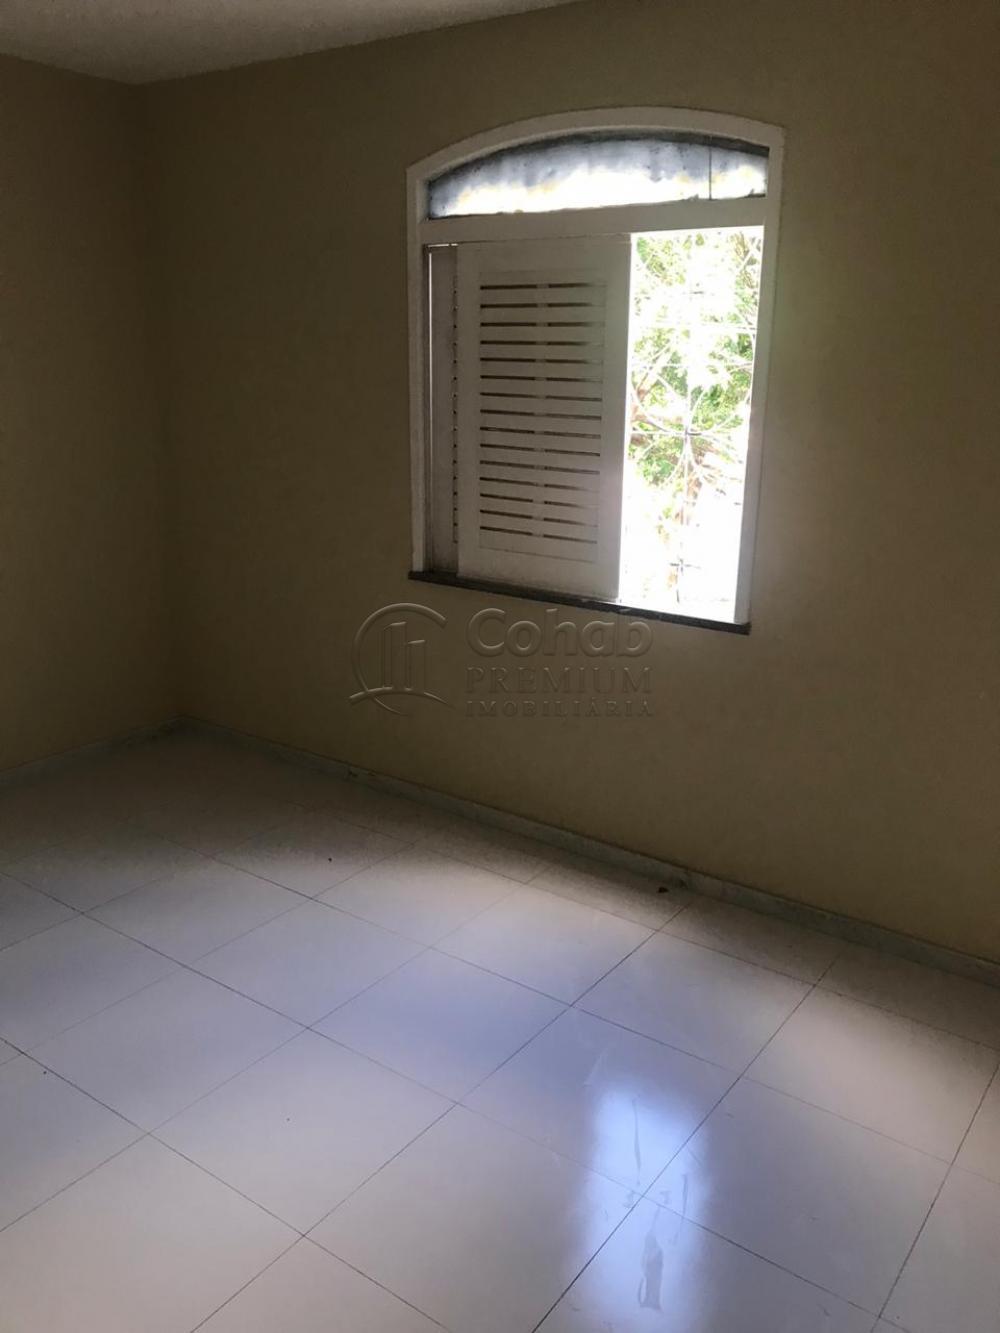 Comprar Apartamento / Padrão em Aracaju apenas R$ 155.000,00 - Foto 3